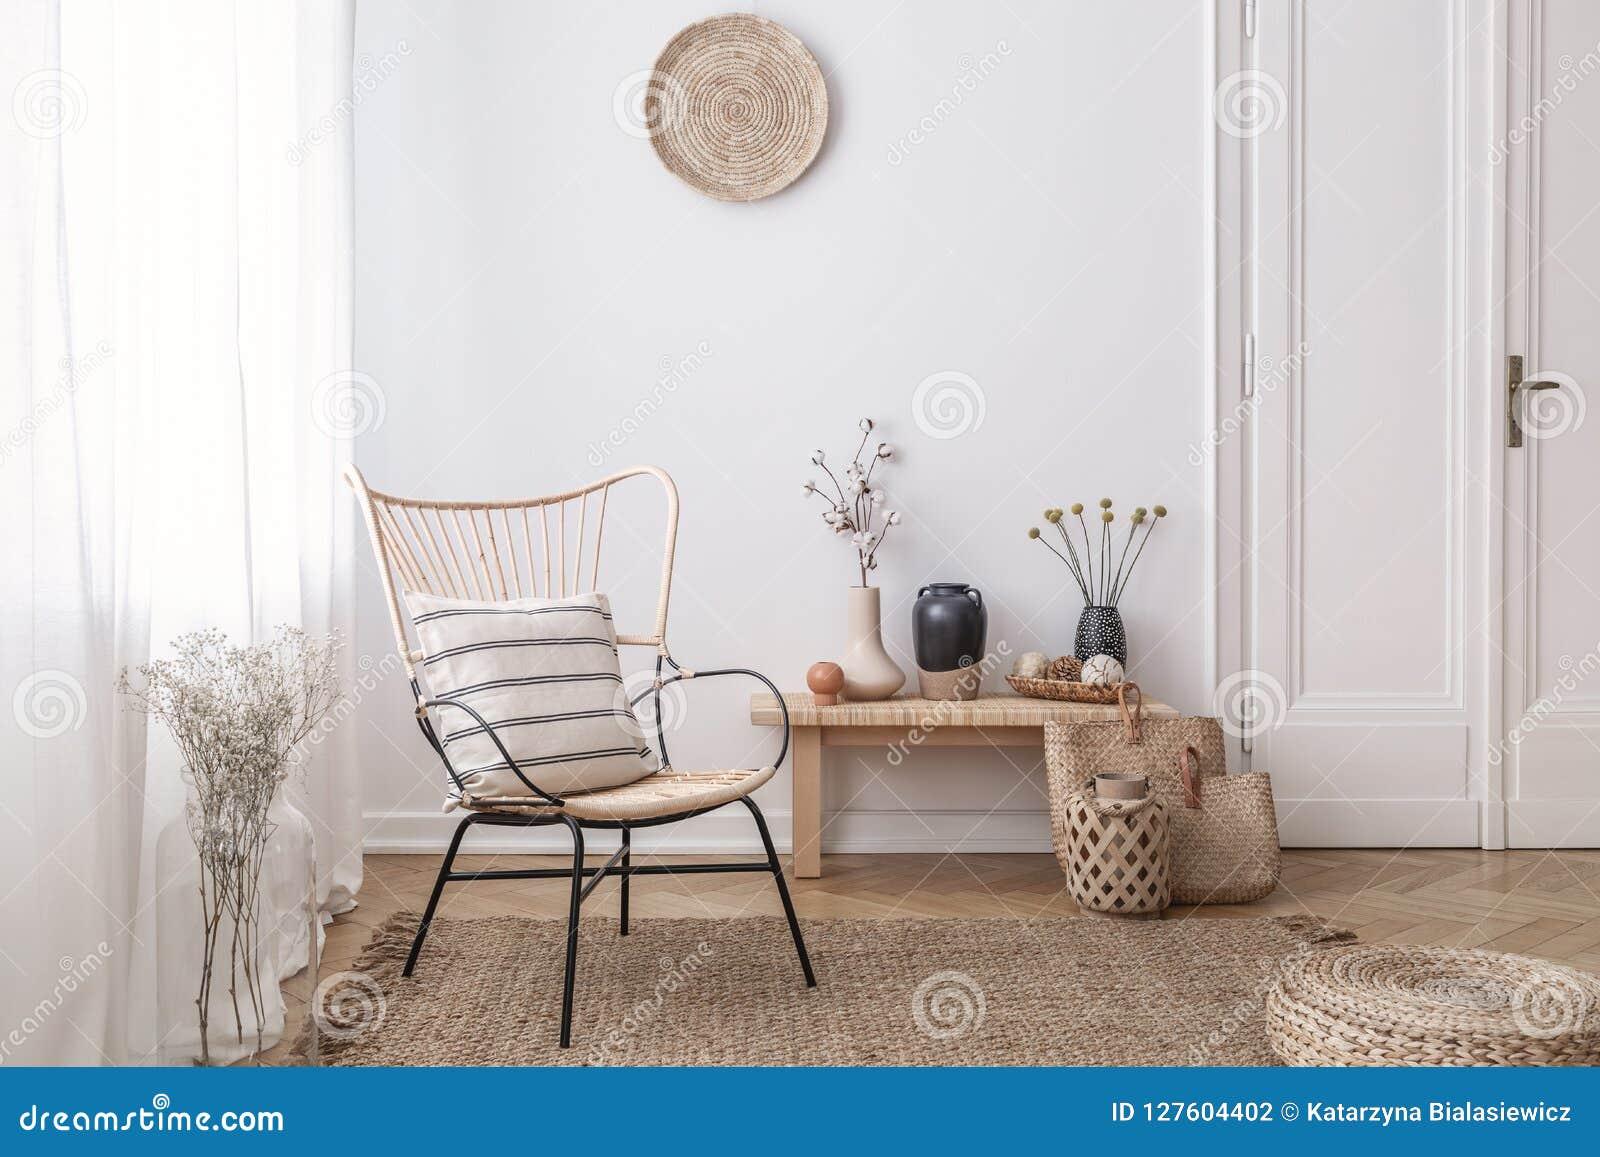 Flores en taburete de madera al lado de la butaca en el interior blanco del desván con el taburete y la placa Foto verdadera